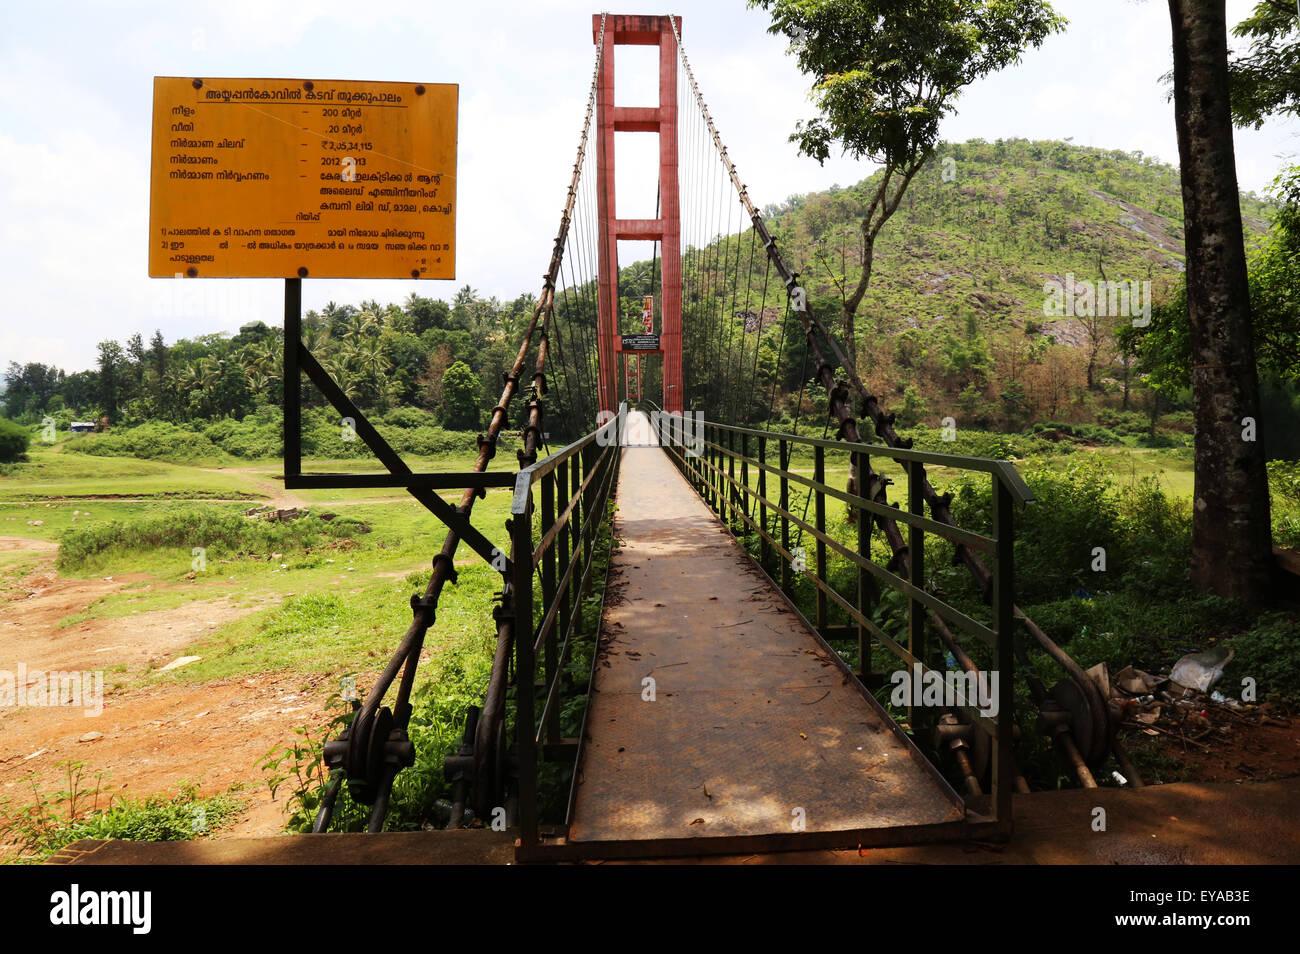 Ayyappancoil hanging bridge, near Kattappana, Idukki in Kerala, India, one of the beautiful tourist spots of South - Stock Image